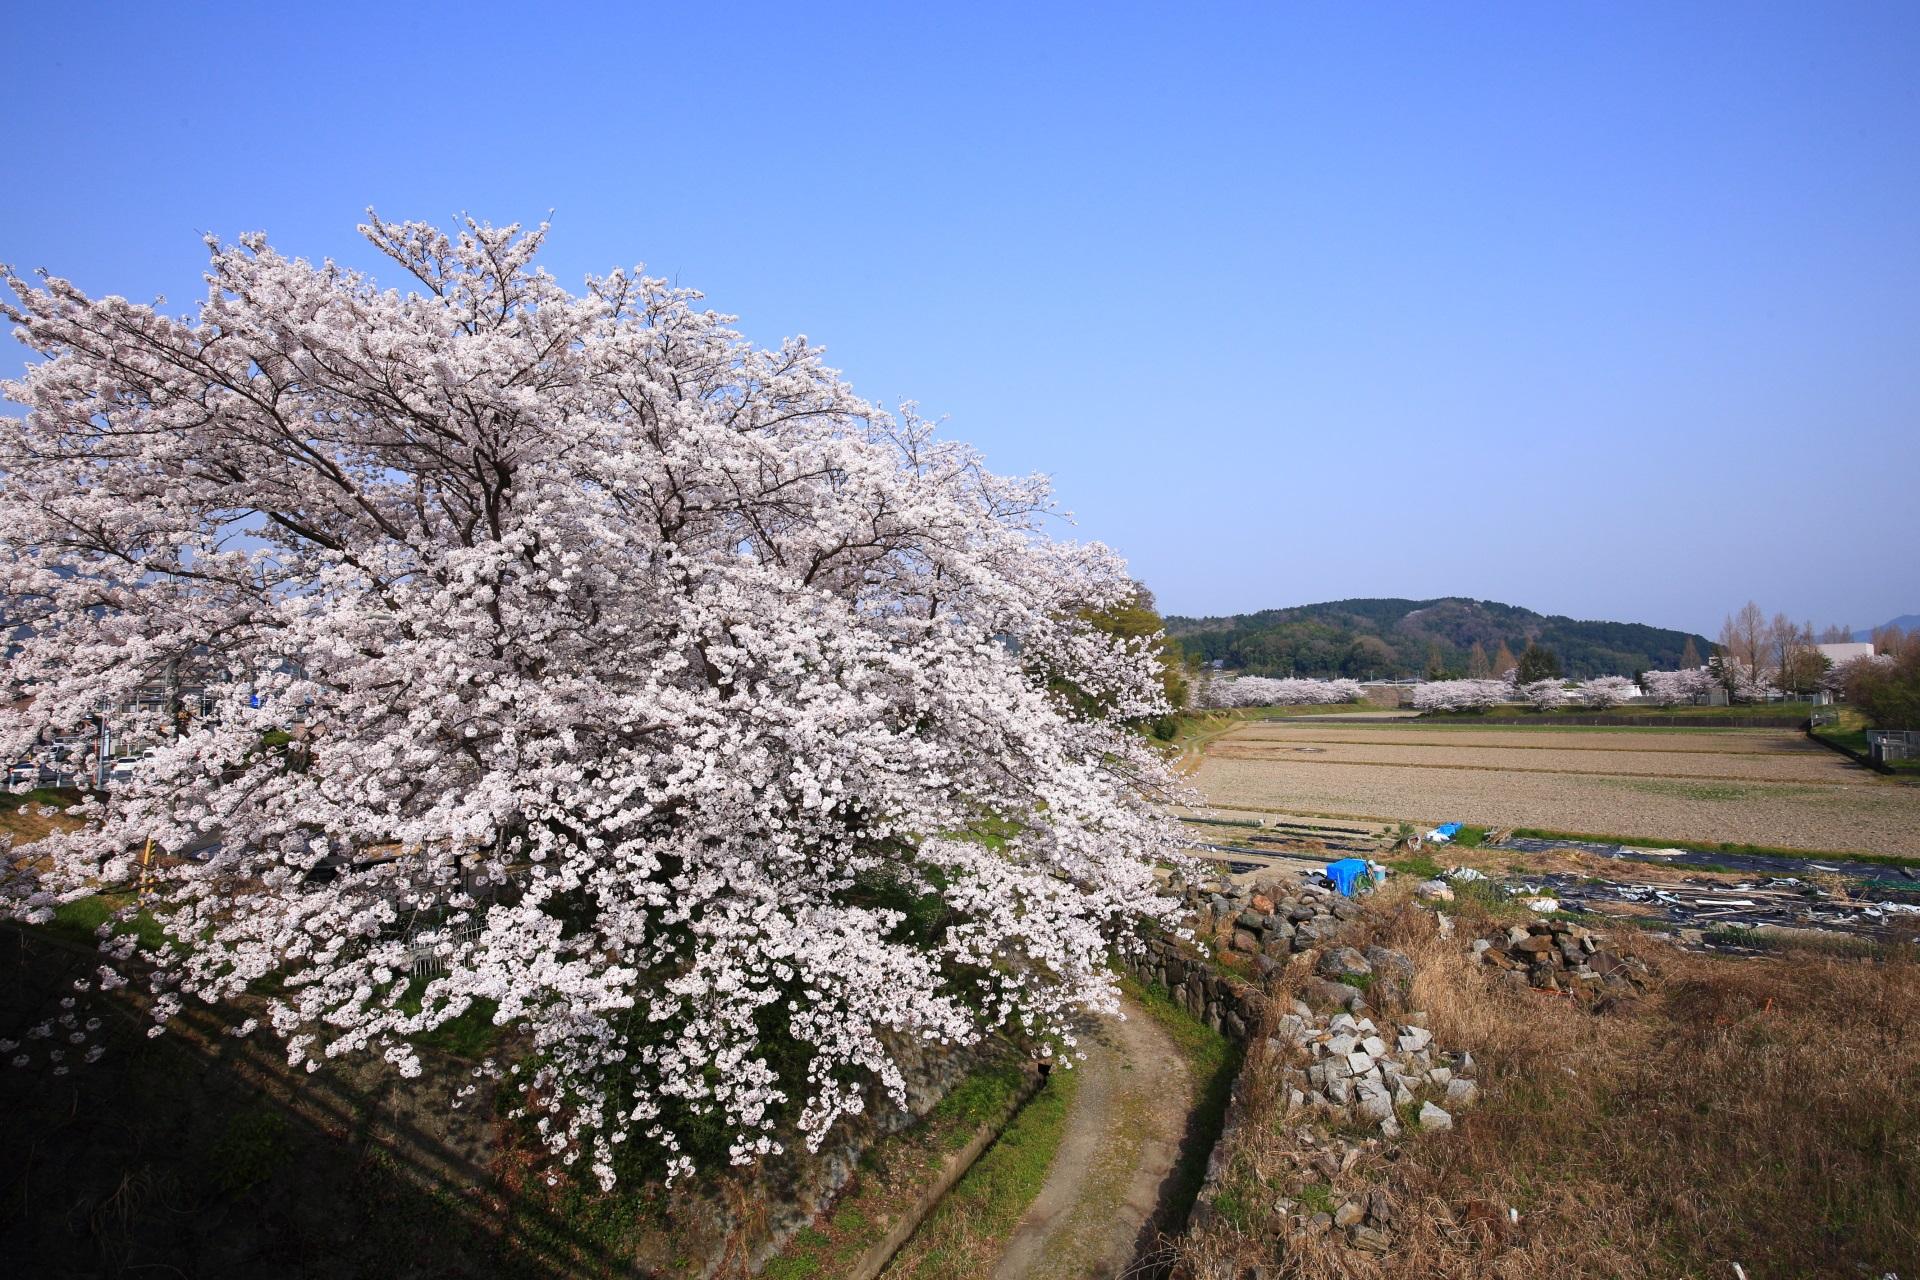 亀岡の田園を彩る絶品の桜